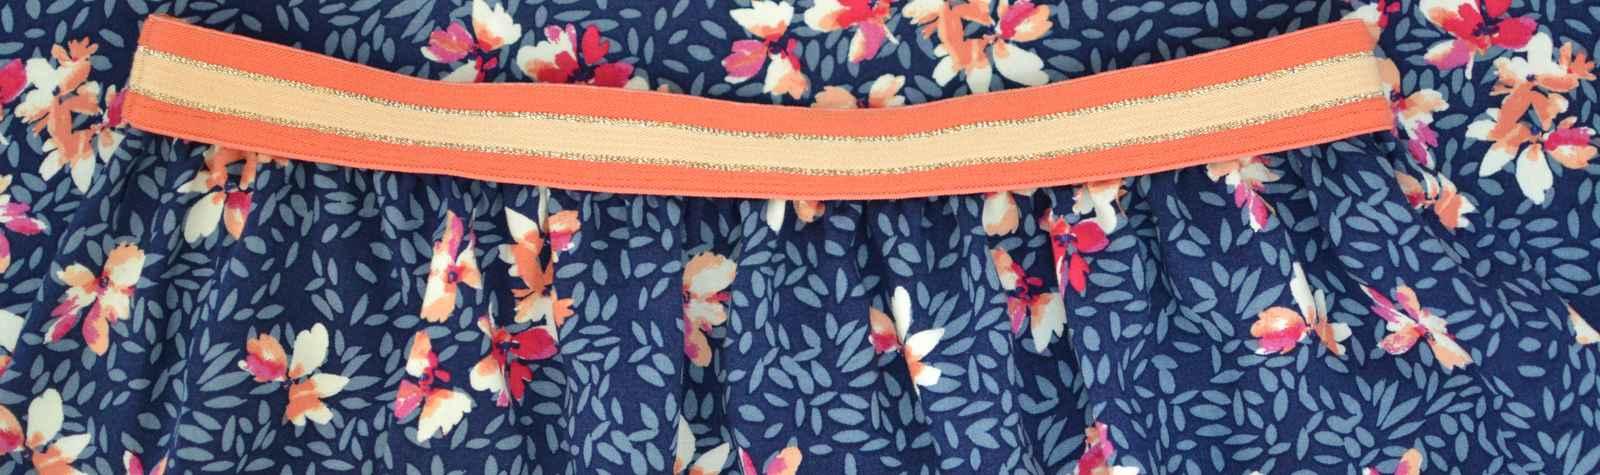 Comment coudre une jupe longue élastiquée fantaisie facilement ?